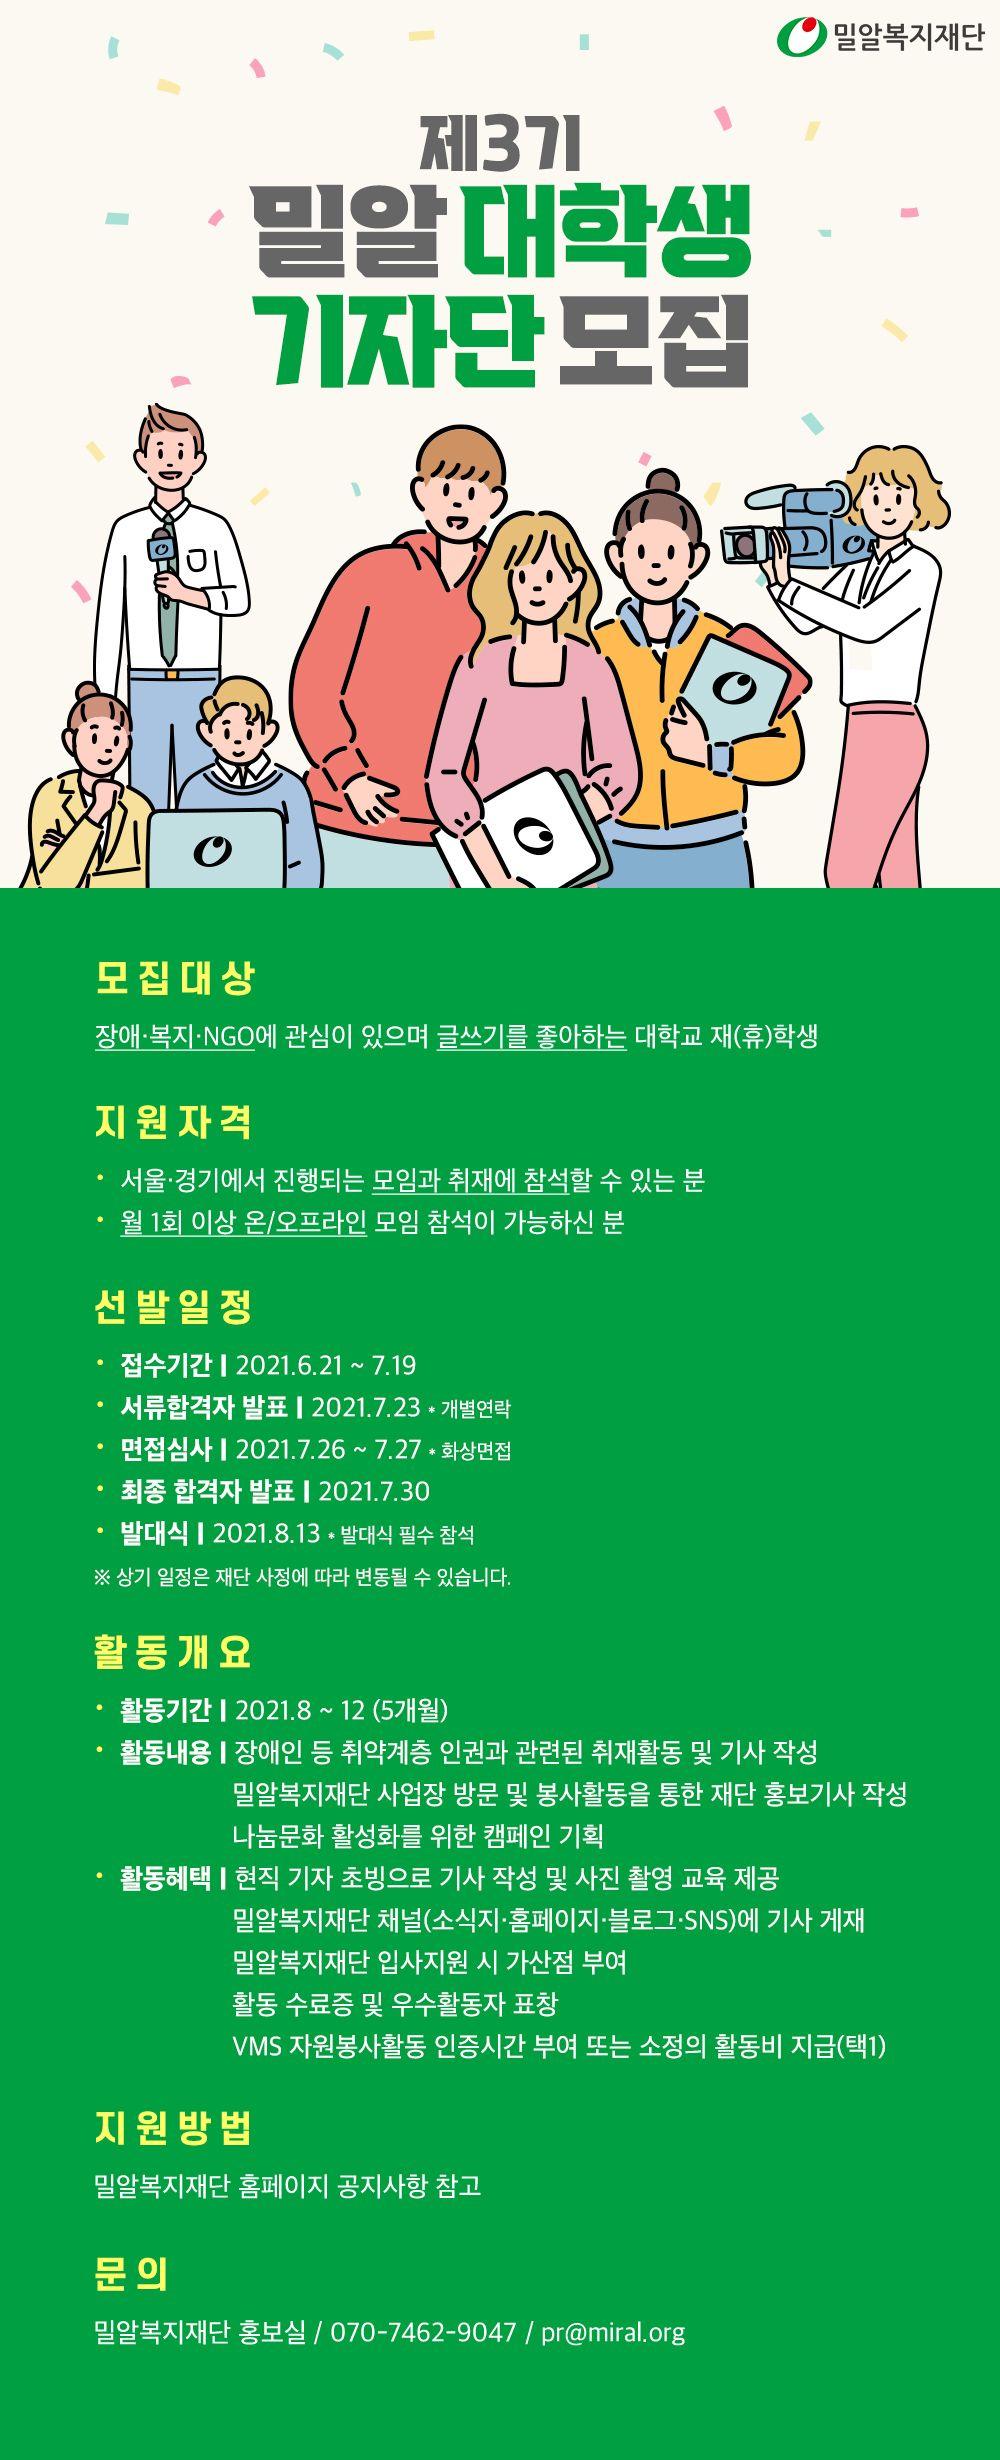 밀알복지재단 제3기 대학생 기자단 모집